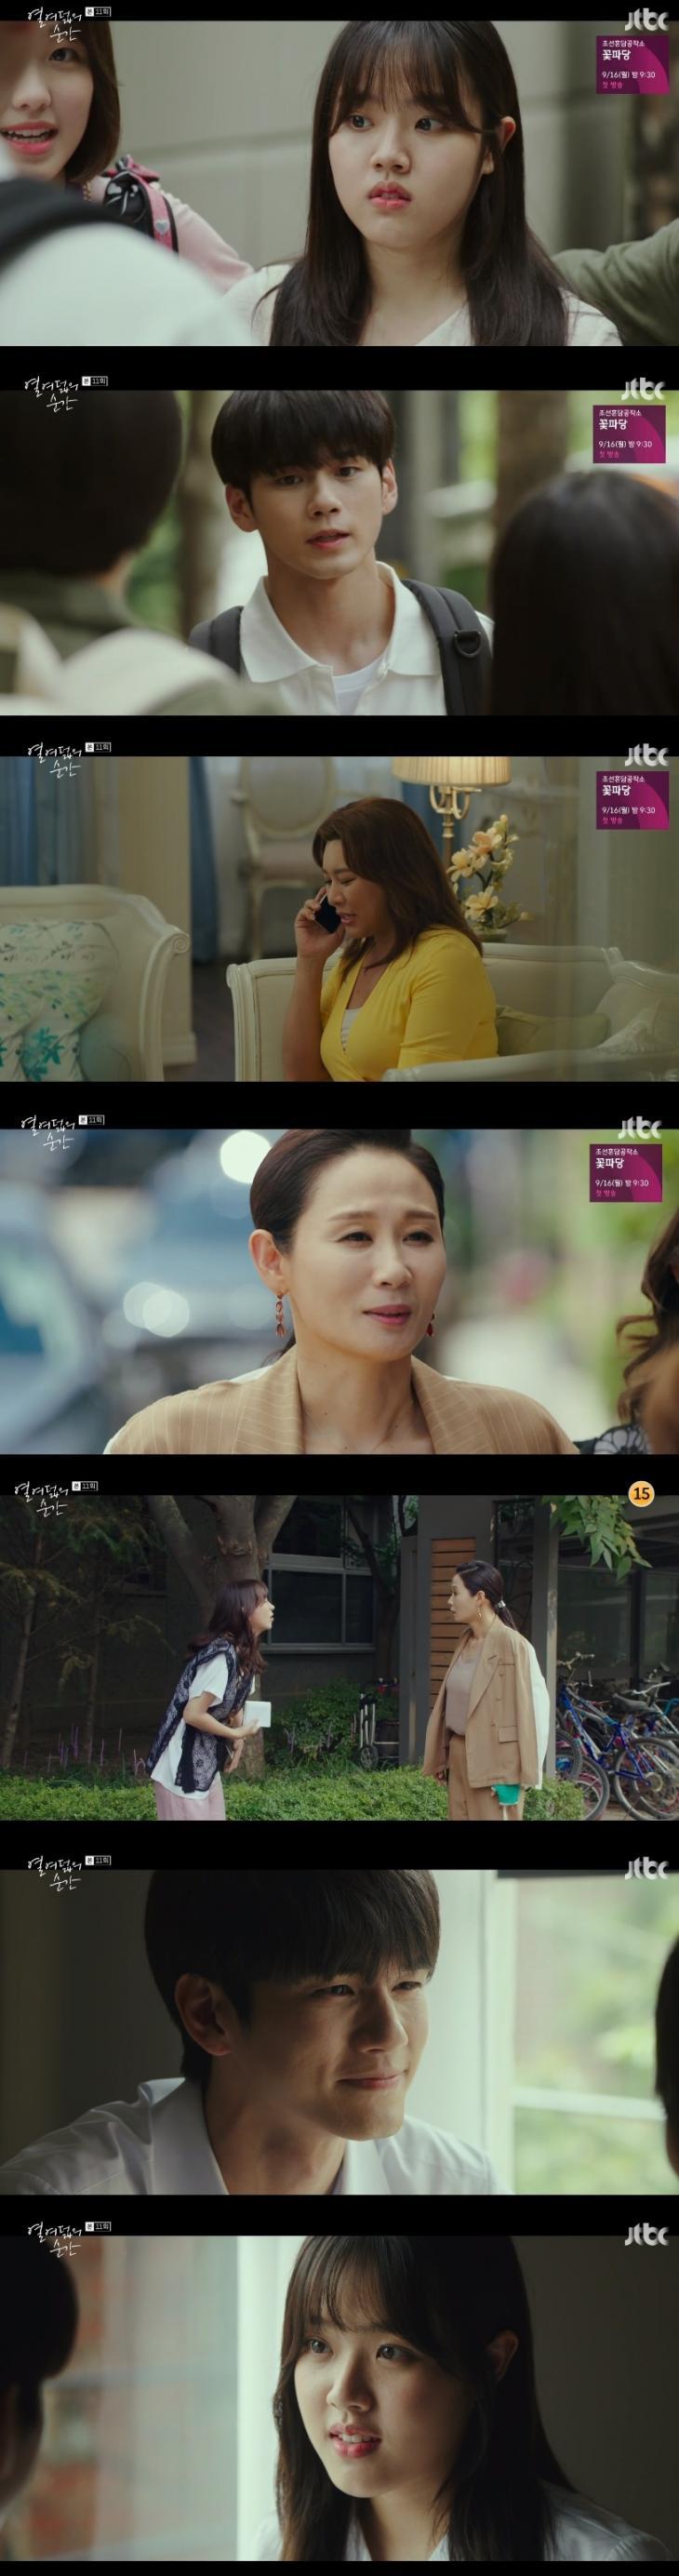 옹성우 김향기 신승호 / JTBC '열여덟의 순간' 캡처